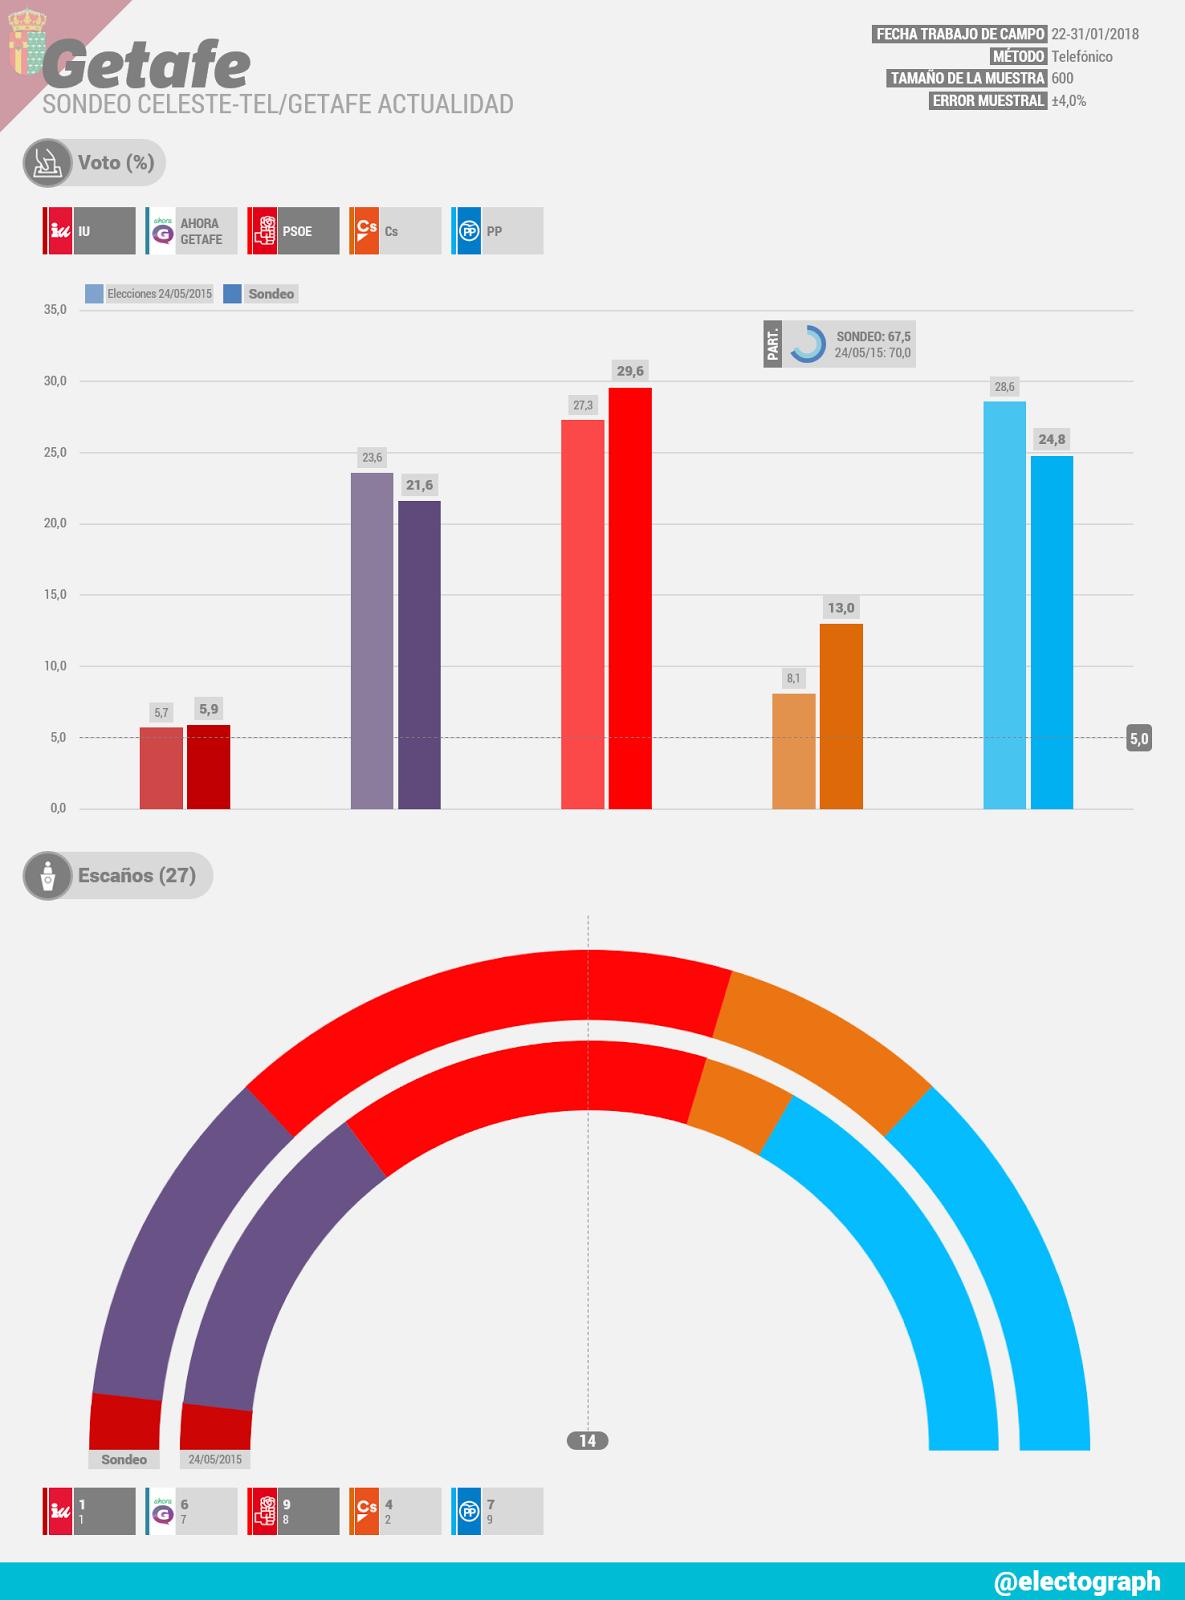 Gráfico de la encuesta para elecciones municipales en Getafe realizada por Celeste-Tel para Getafe Actualidad en enero de 2018